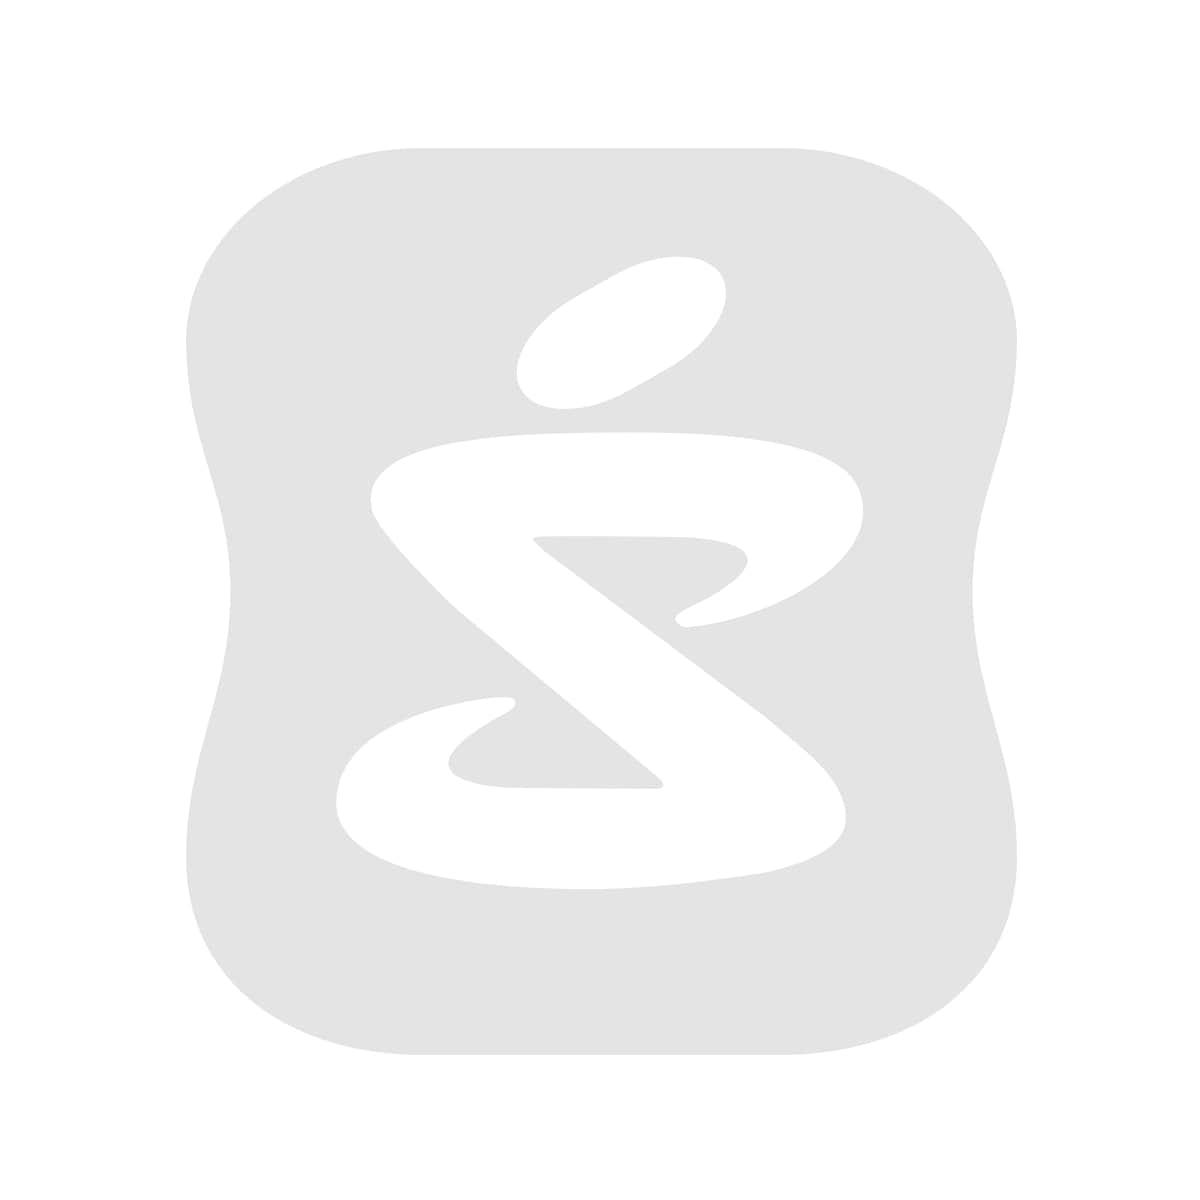 Bobovita Porcja Zbóż 7 Zbóż, Jabłko, Śliwka